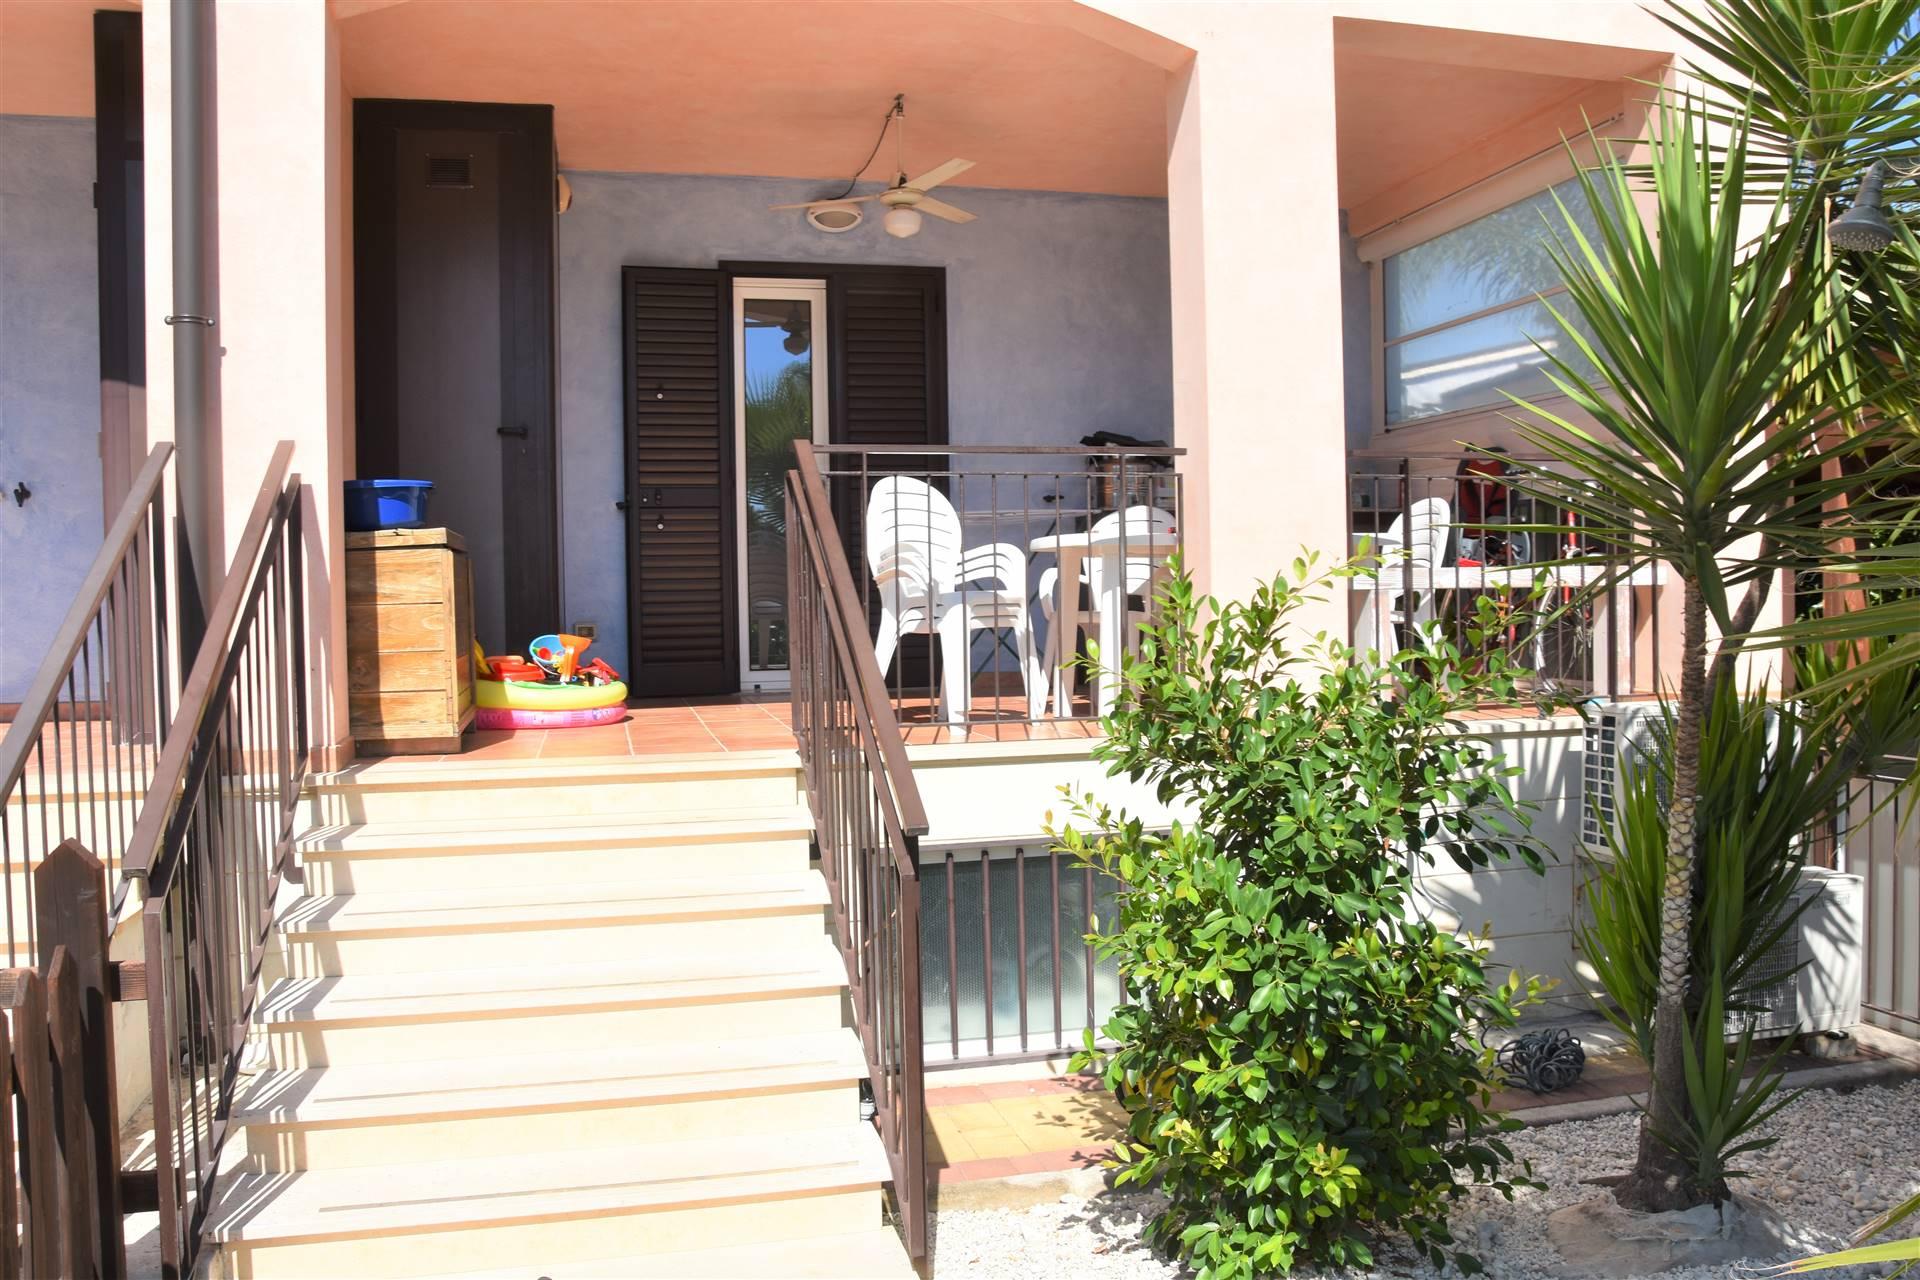 Appartamento in vendita a Policoro, 4 locali, zona Località: LIDO DI POLICORO, prezzo € 129.000 | CambioCasa.it